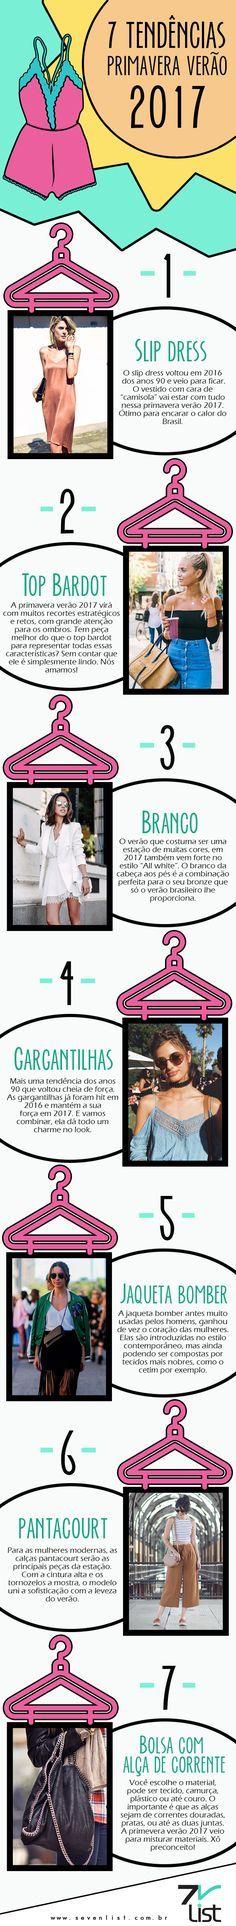 #SevenList #Infográfico #Design #Art #moda #Fashion #Tendências #Verão2017…